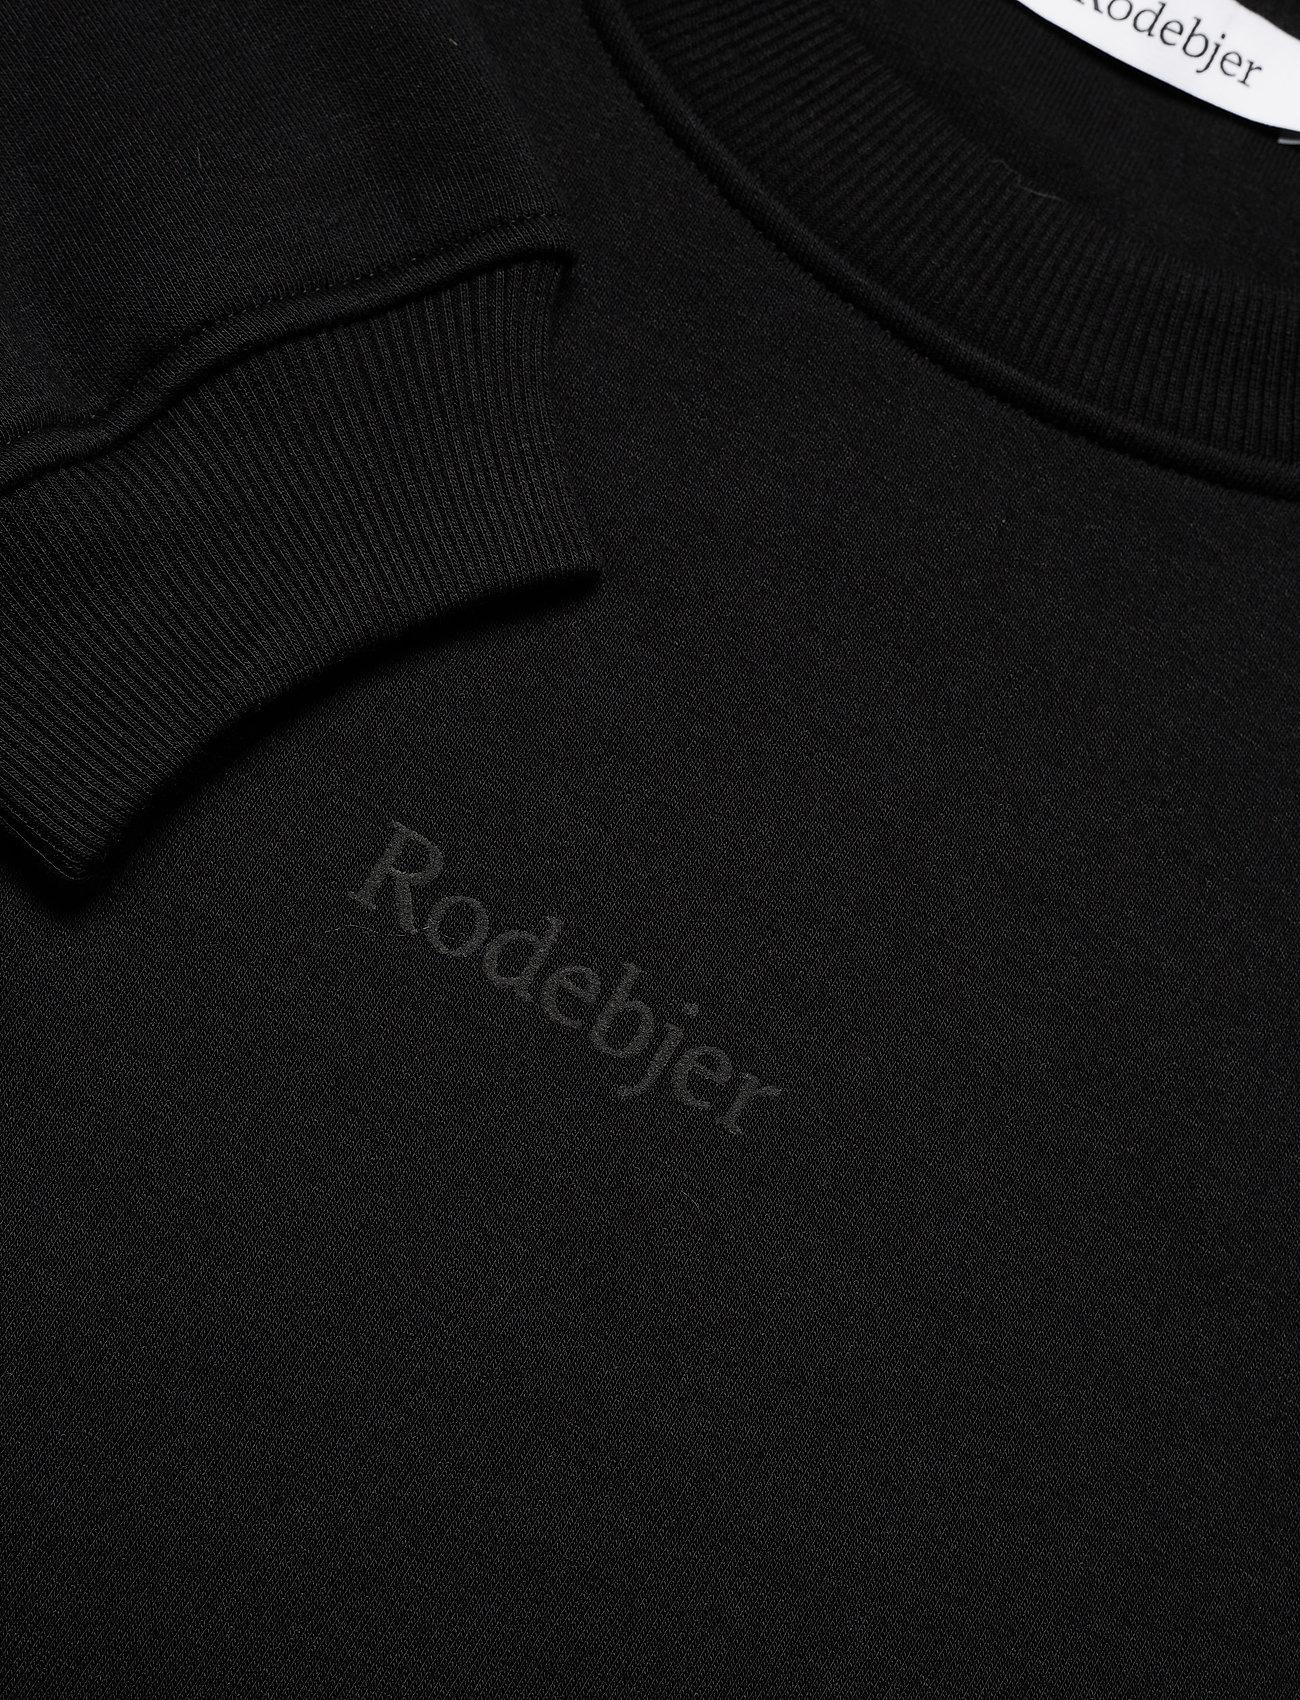 RODEBJER - RODEBJER KOLOMAN - sweatshirts & hættetrøjer - black - 2